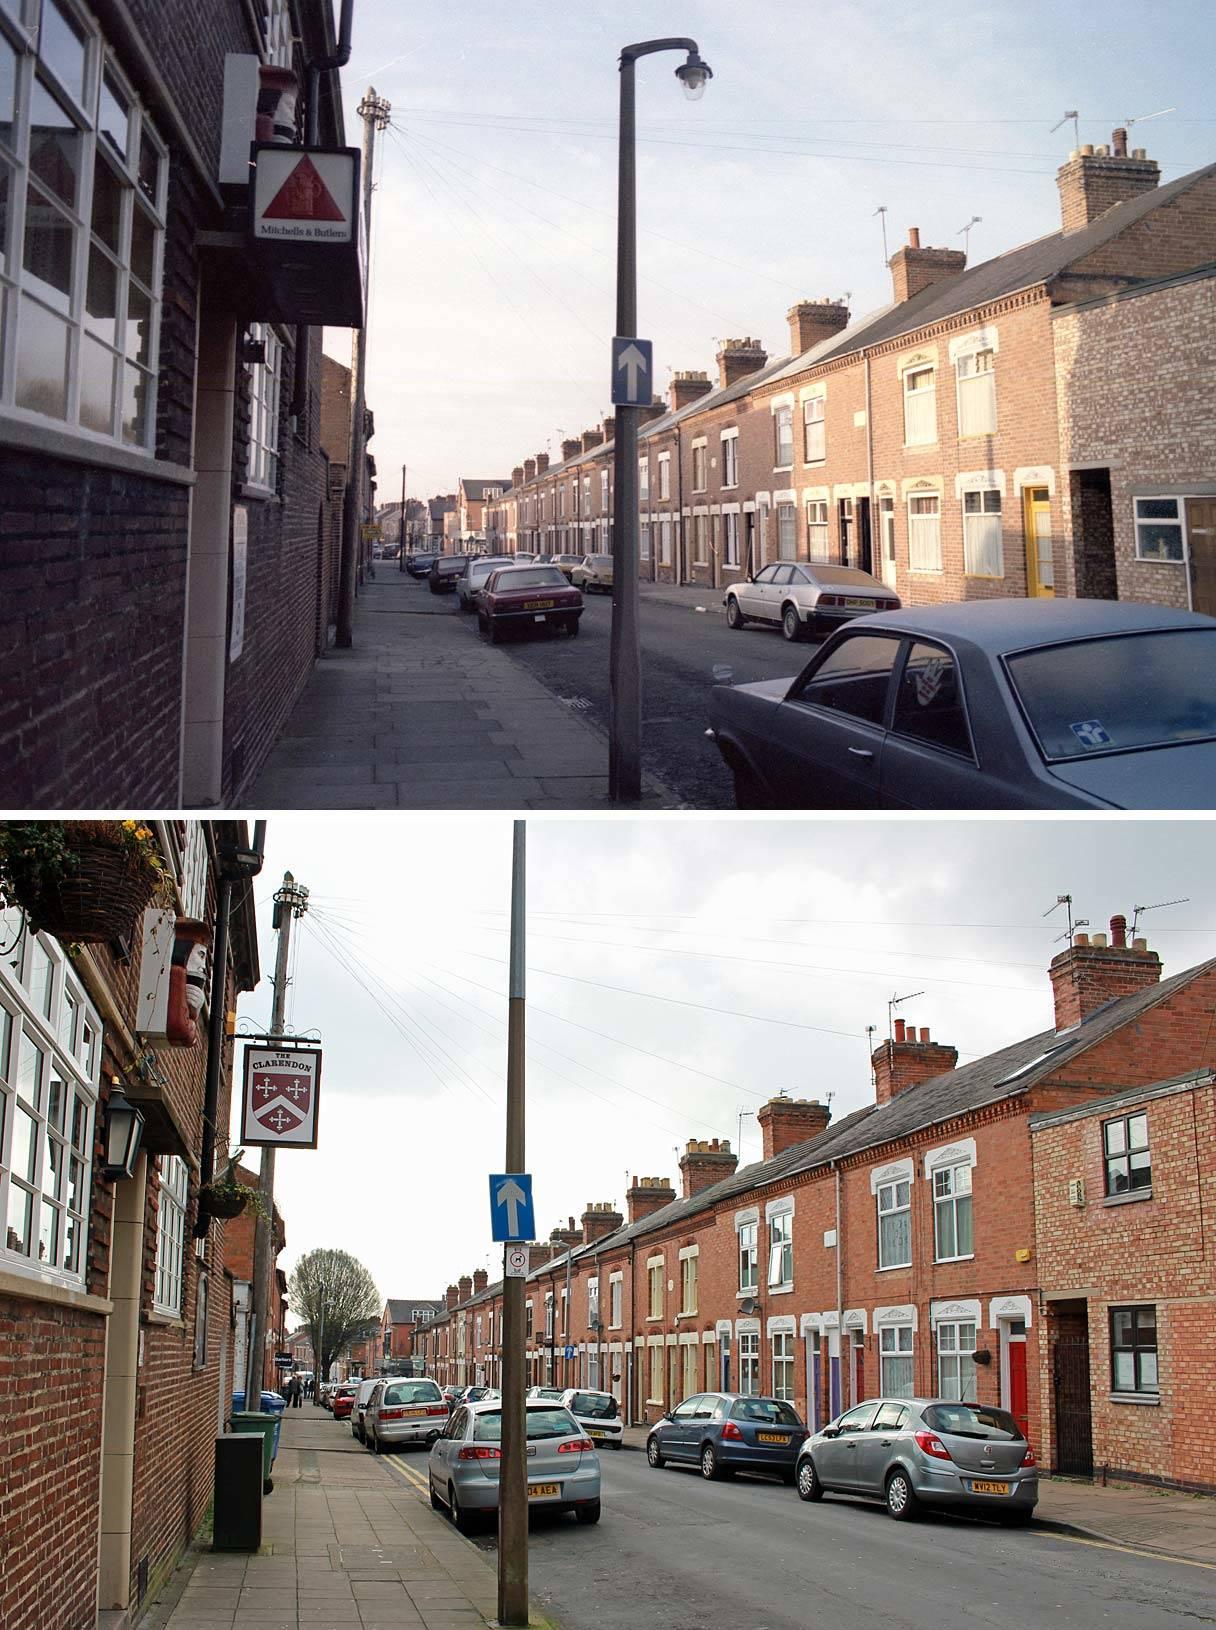 The Clarendon Pub Montague Road